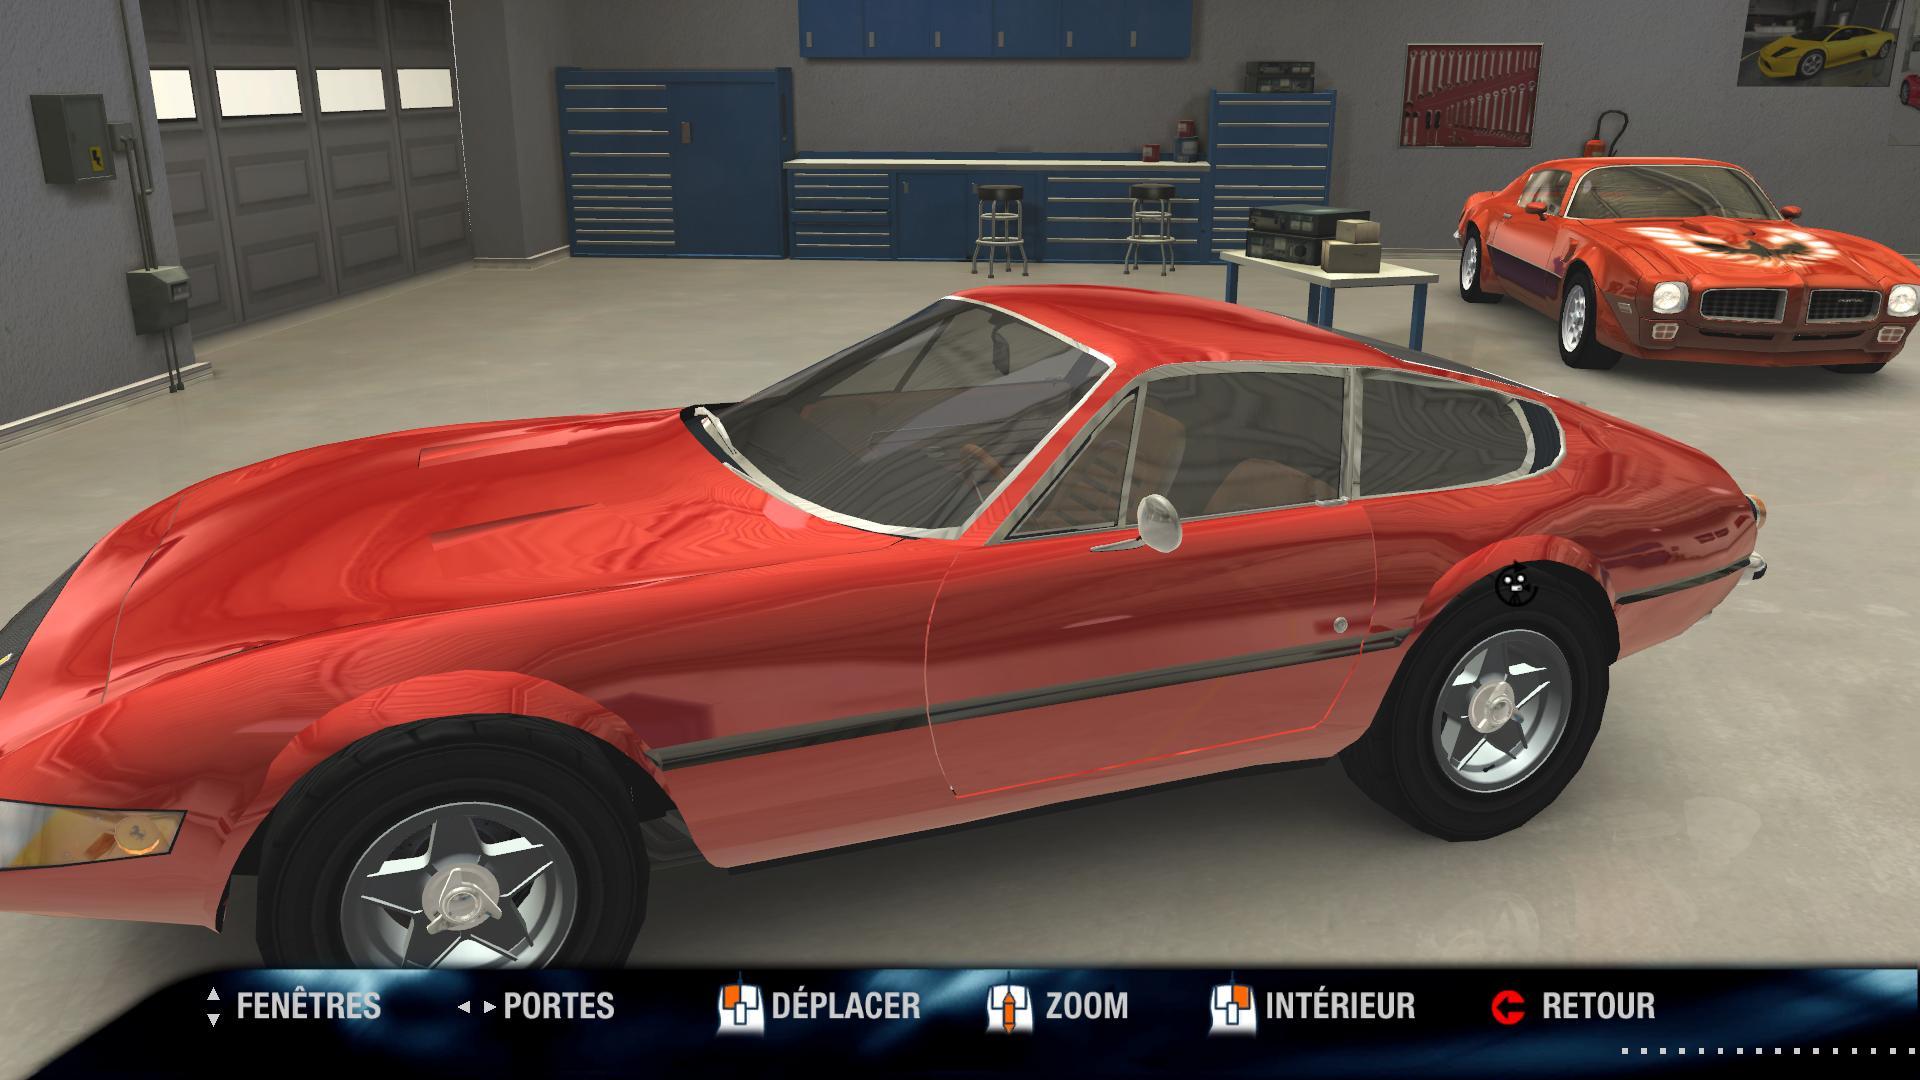 [RELEASE] Ferrari 365 Daytona - V2.2 - Page 3 Retro_10